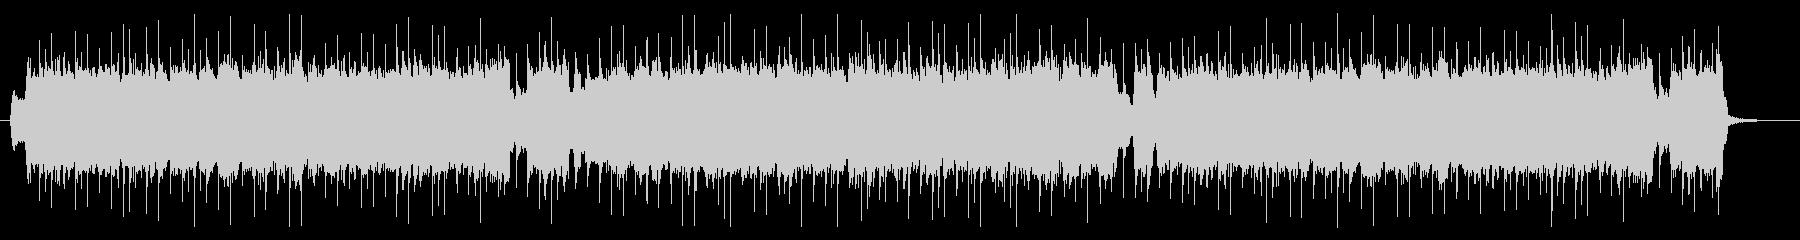 ワルツ10番69-2ショパン・ロックの未再生の波形